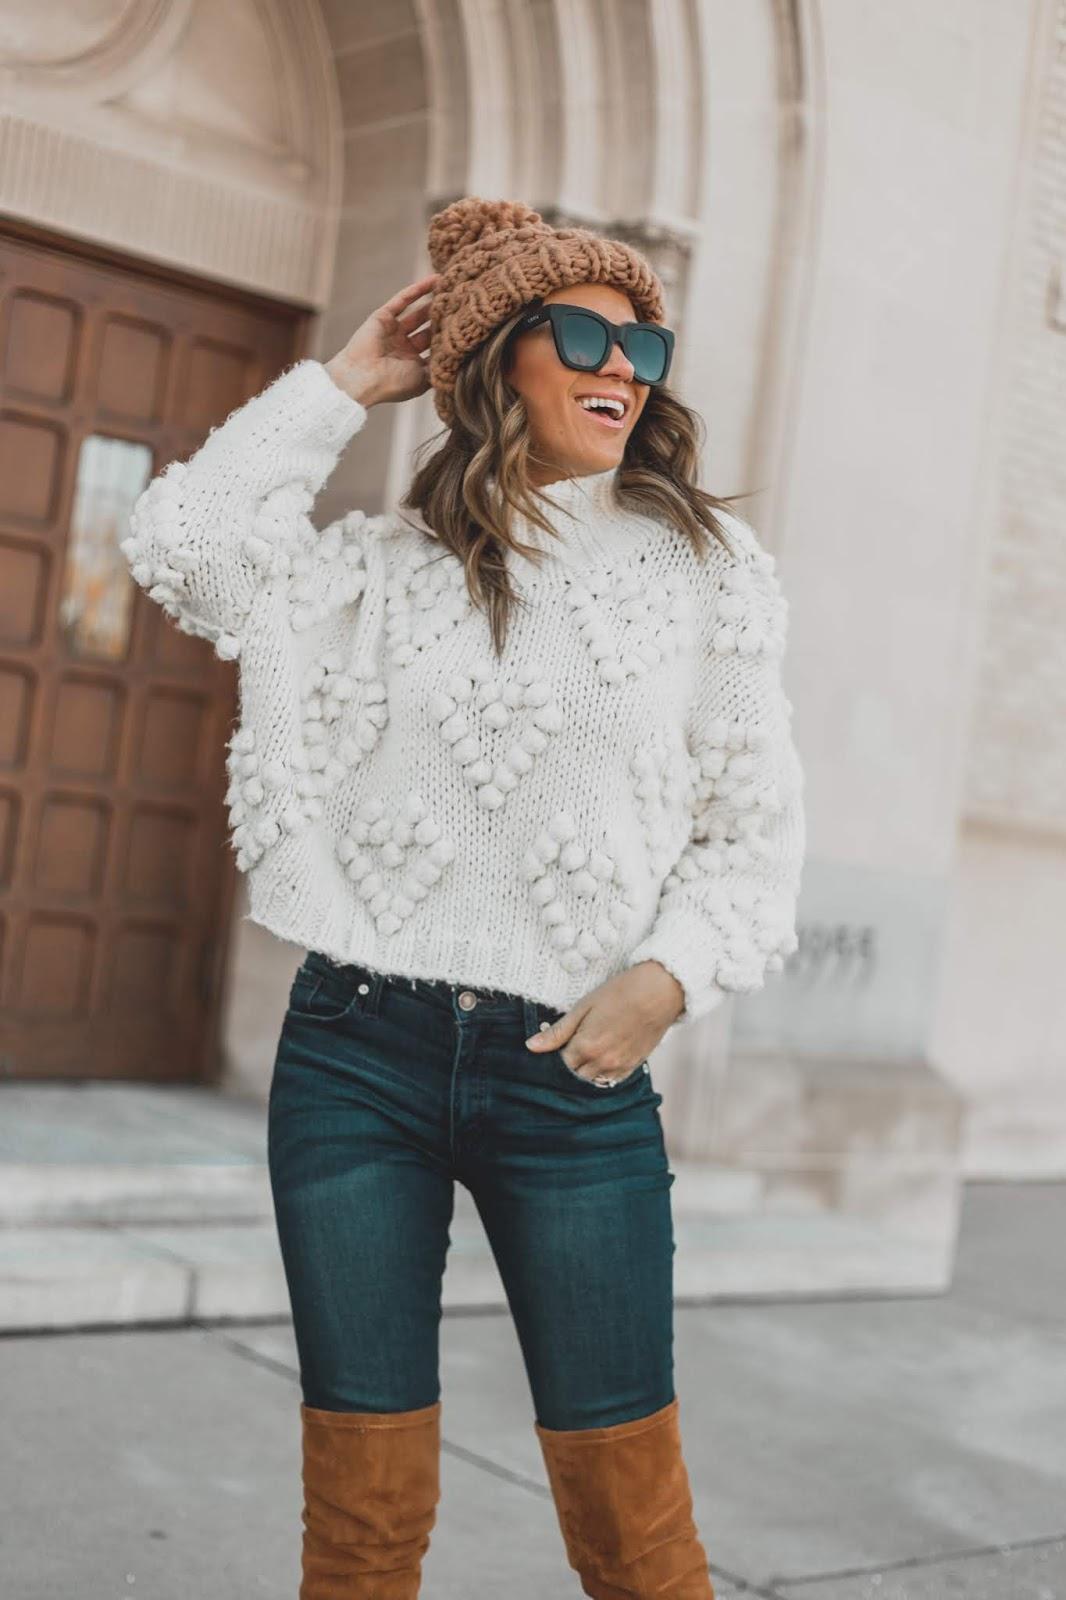 Knit Pom Beanie With Dressy Sweater